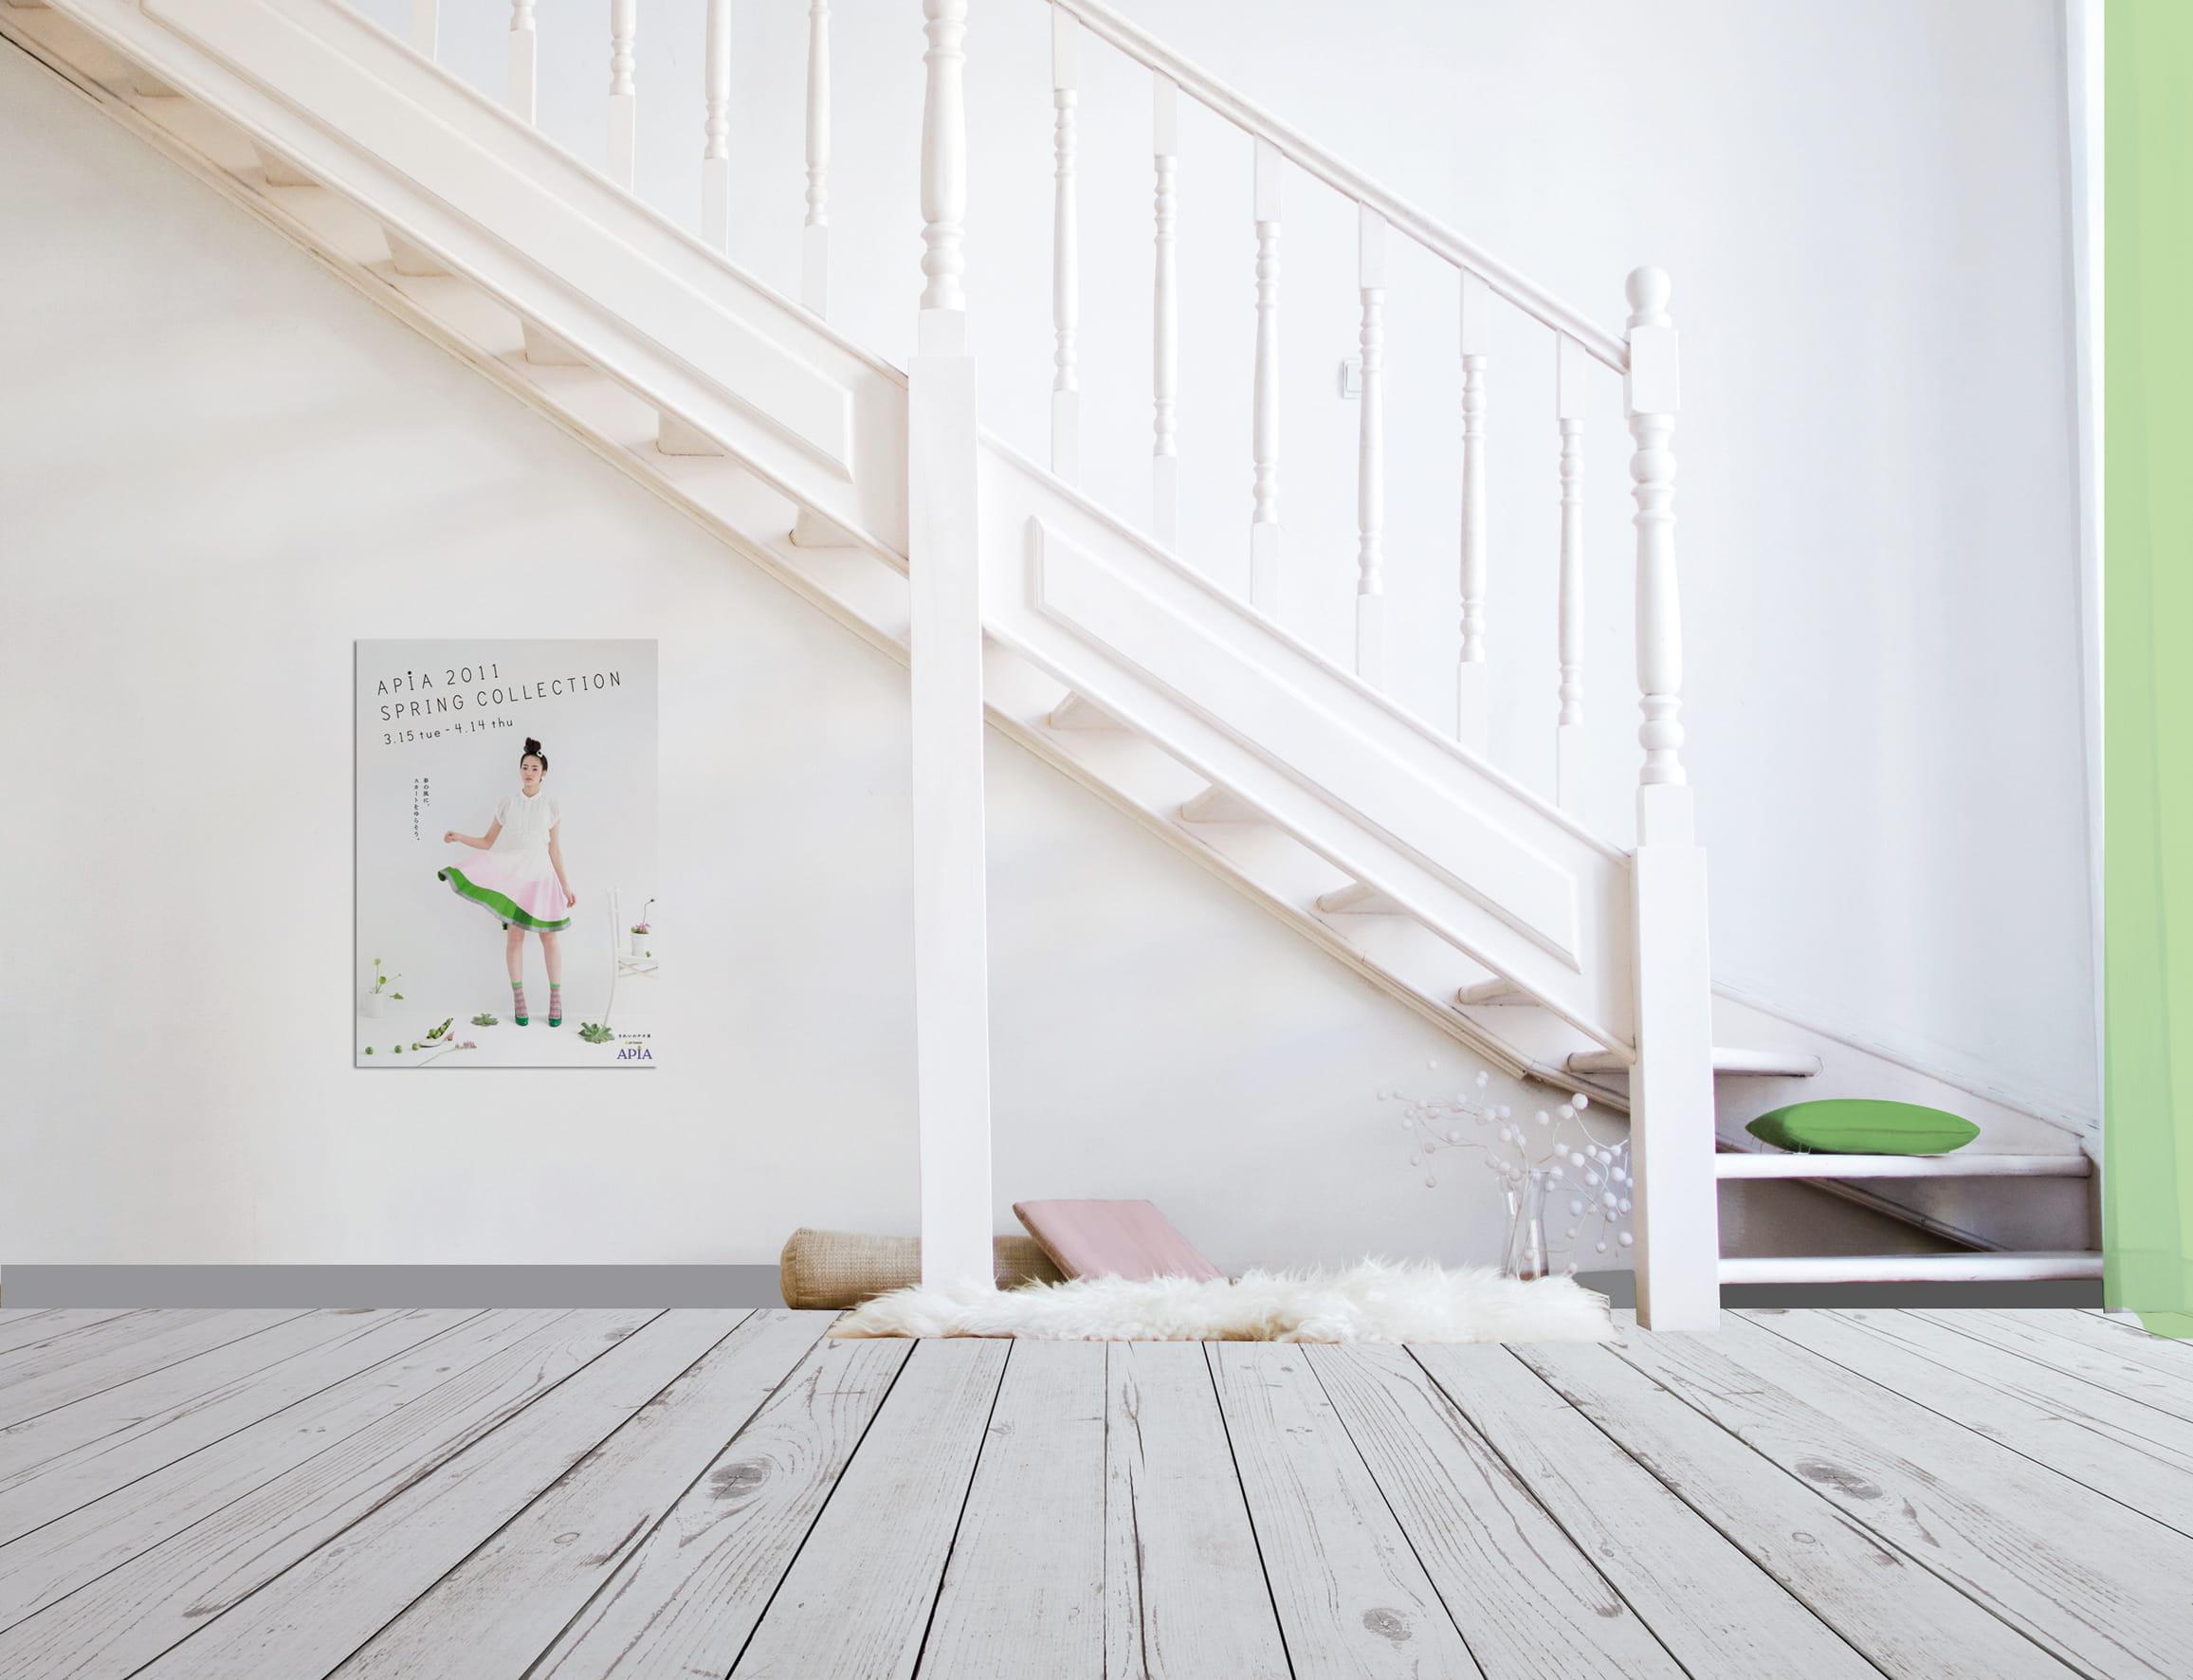 de la peinture speciale parquet relook bois With peinture pour parquet bois